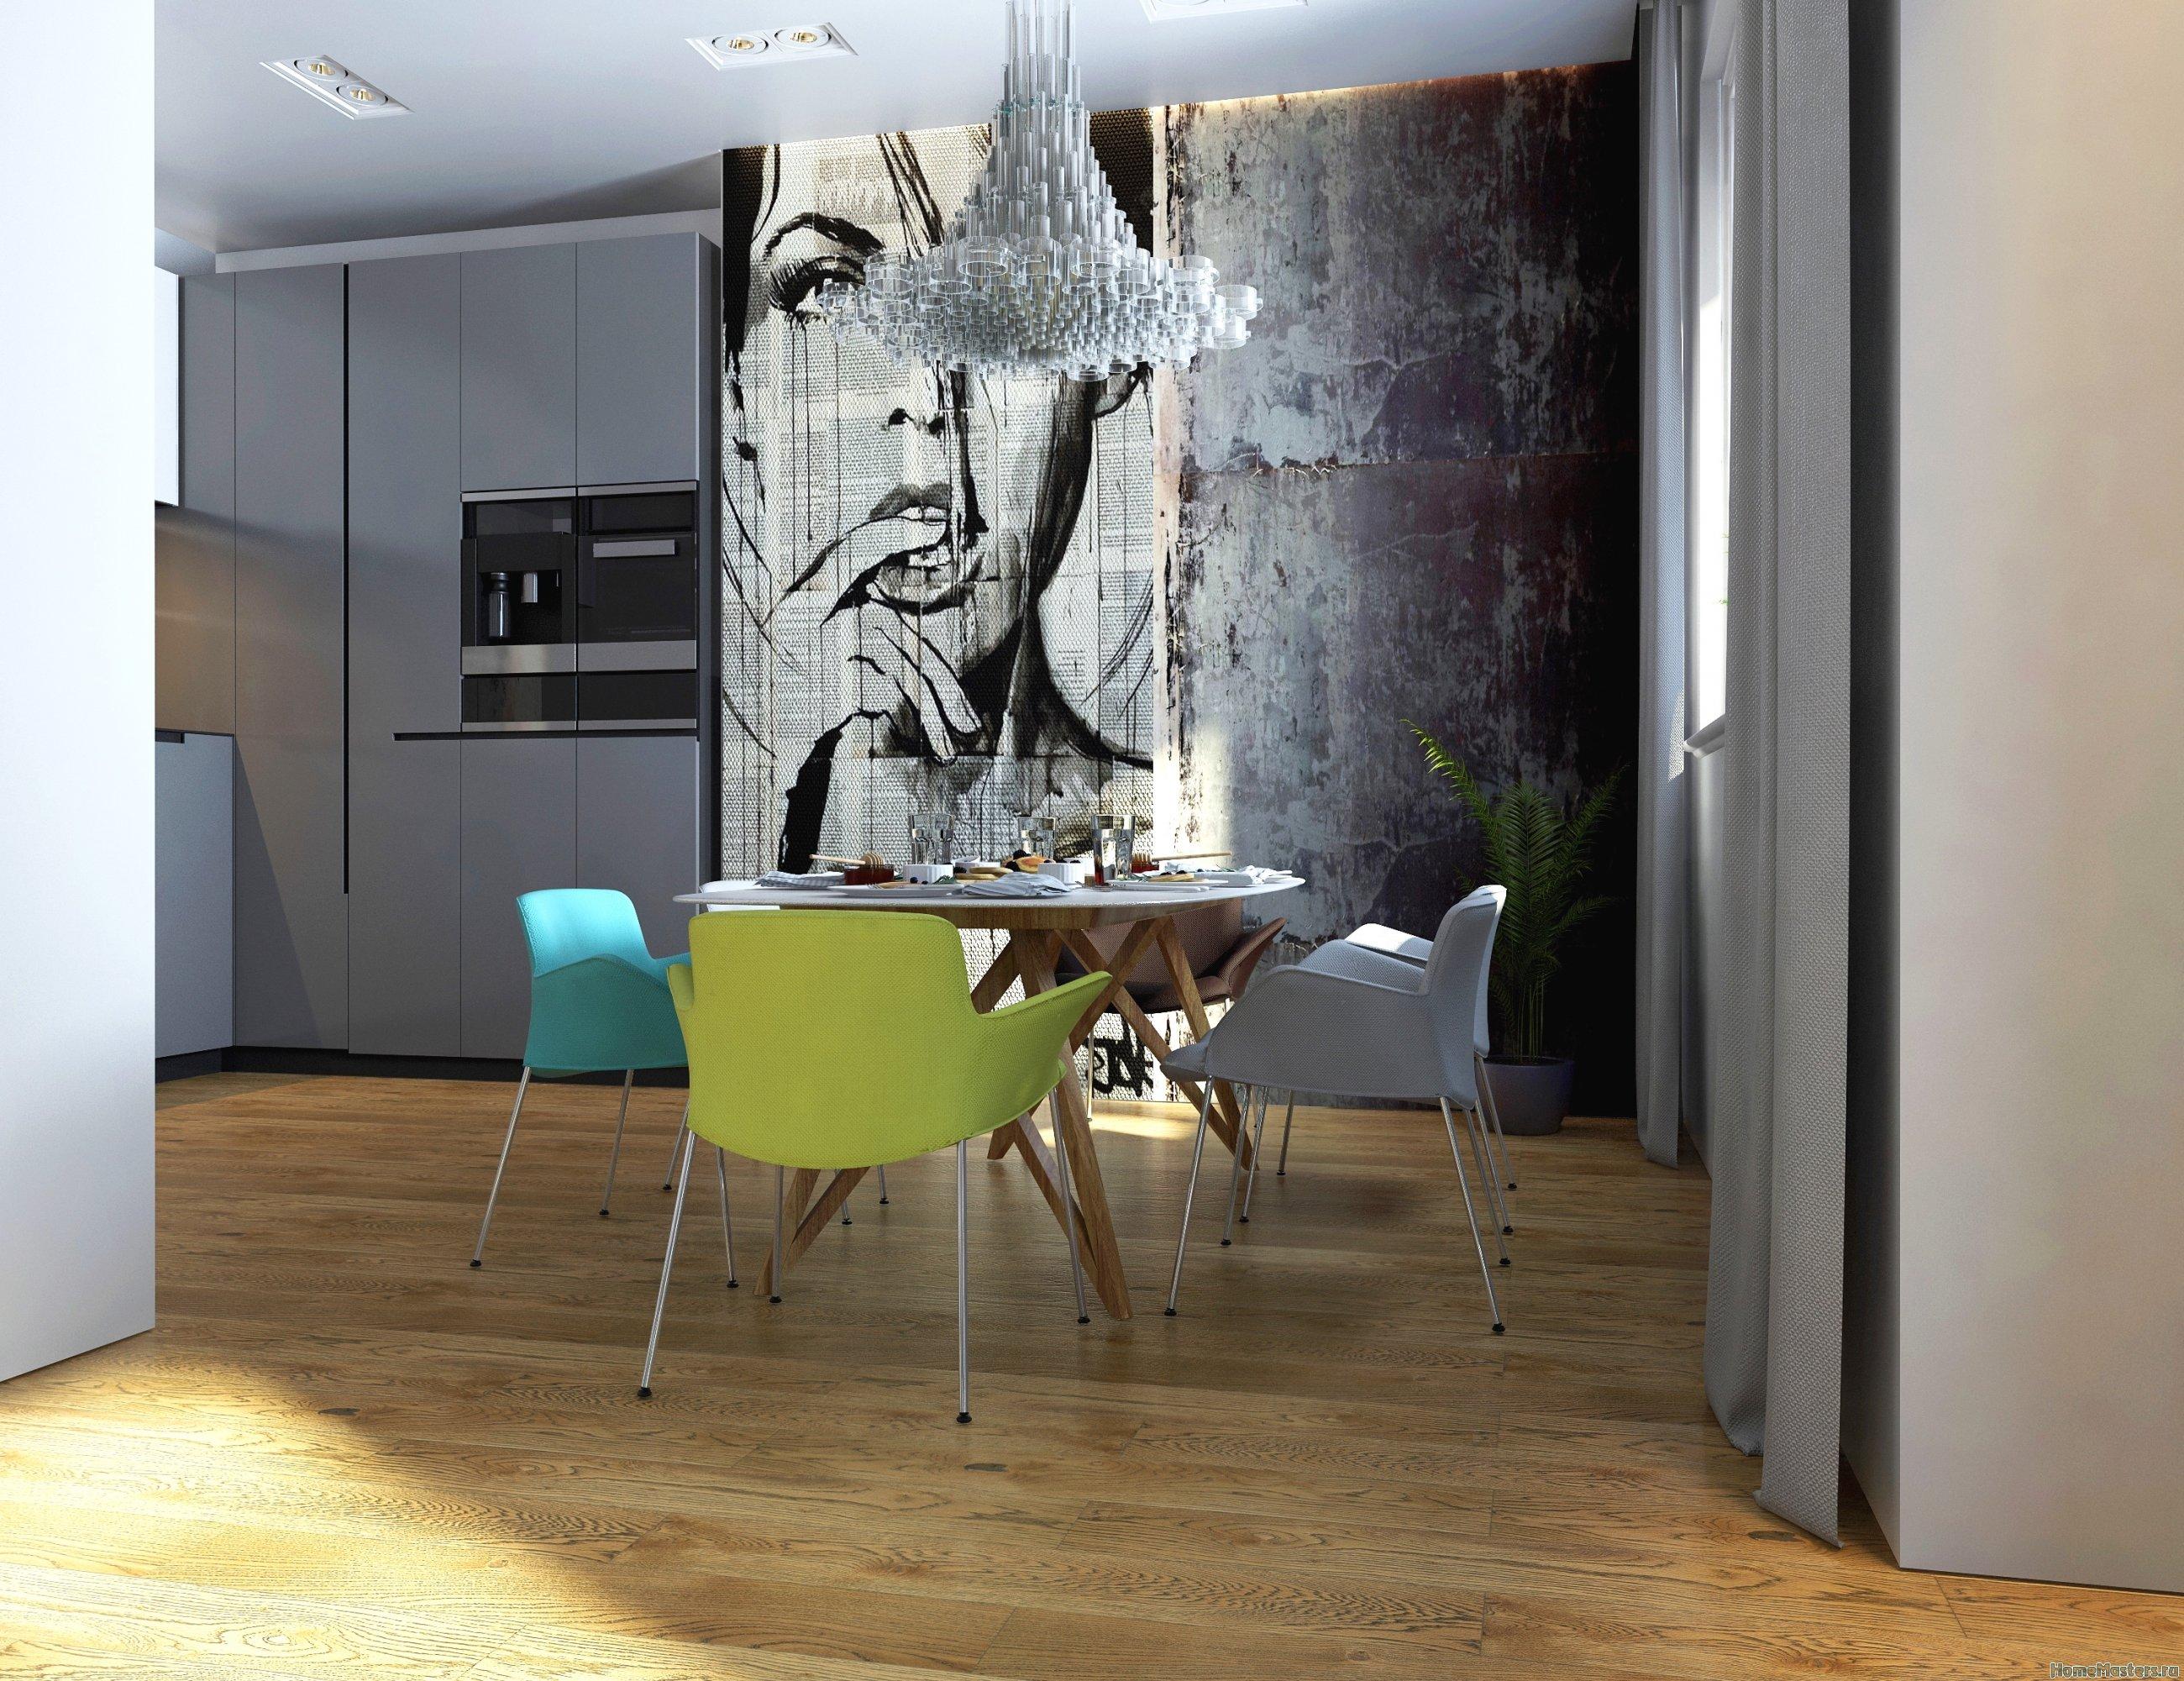 Дизайн кухни гостиной в загородном доме